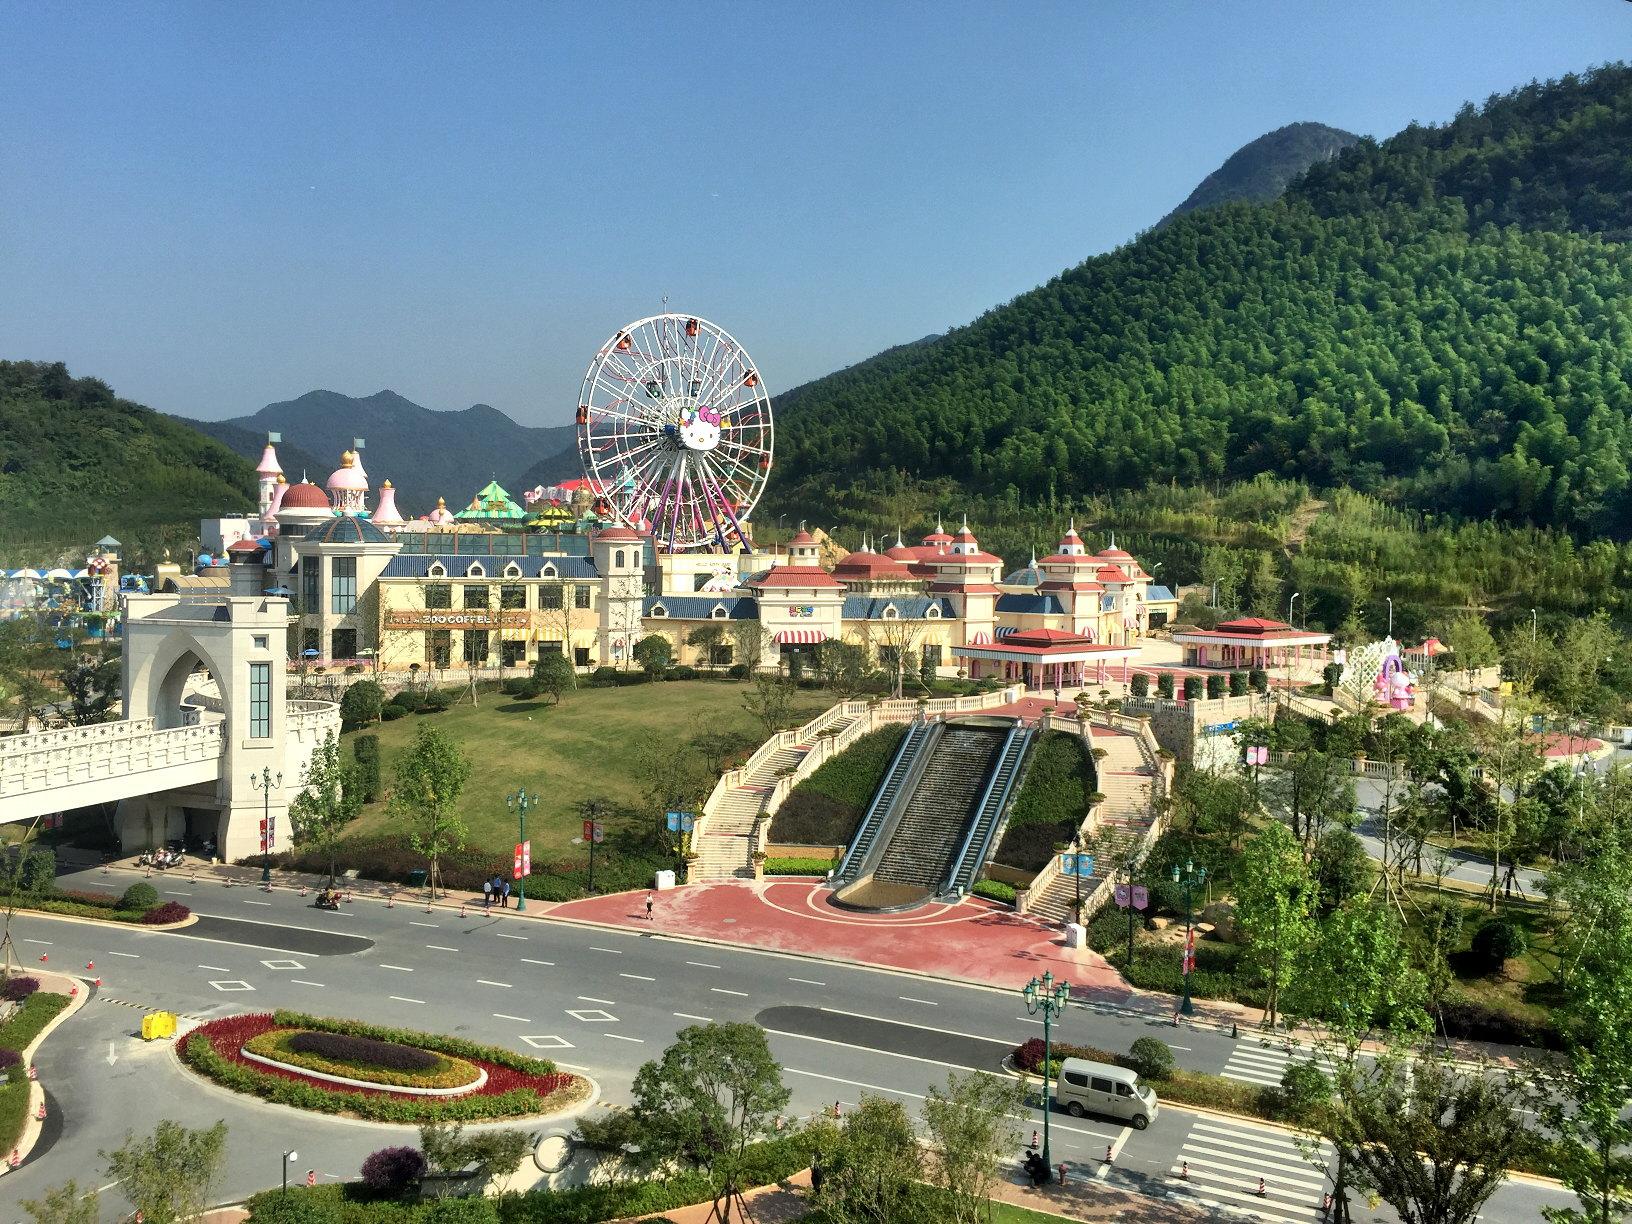 安吉杭州hello kitty乐园图片大全_景点图片/摄影照片图片